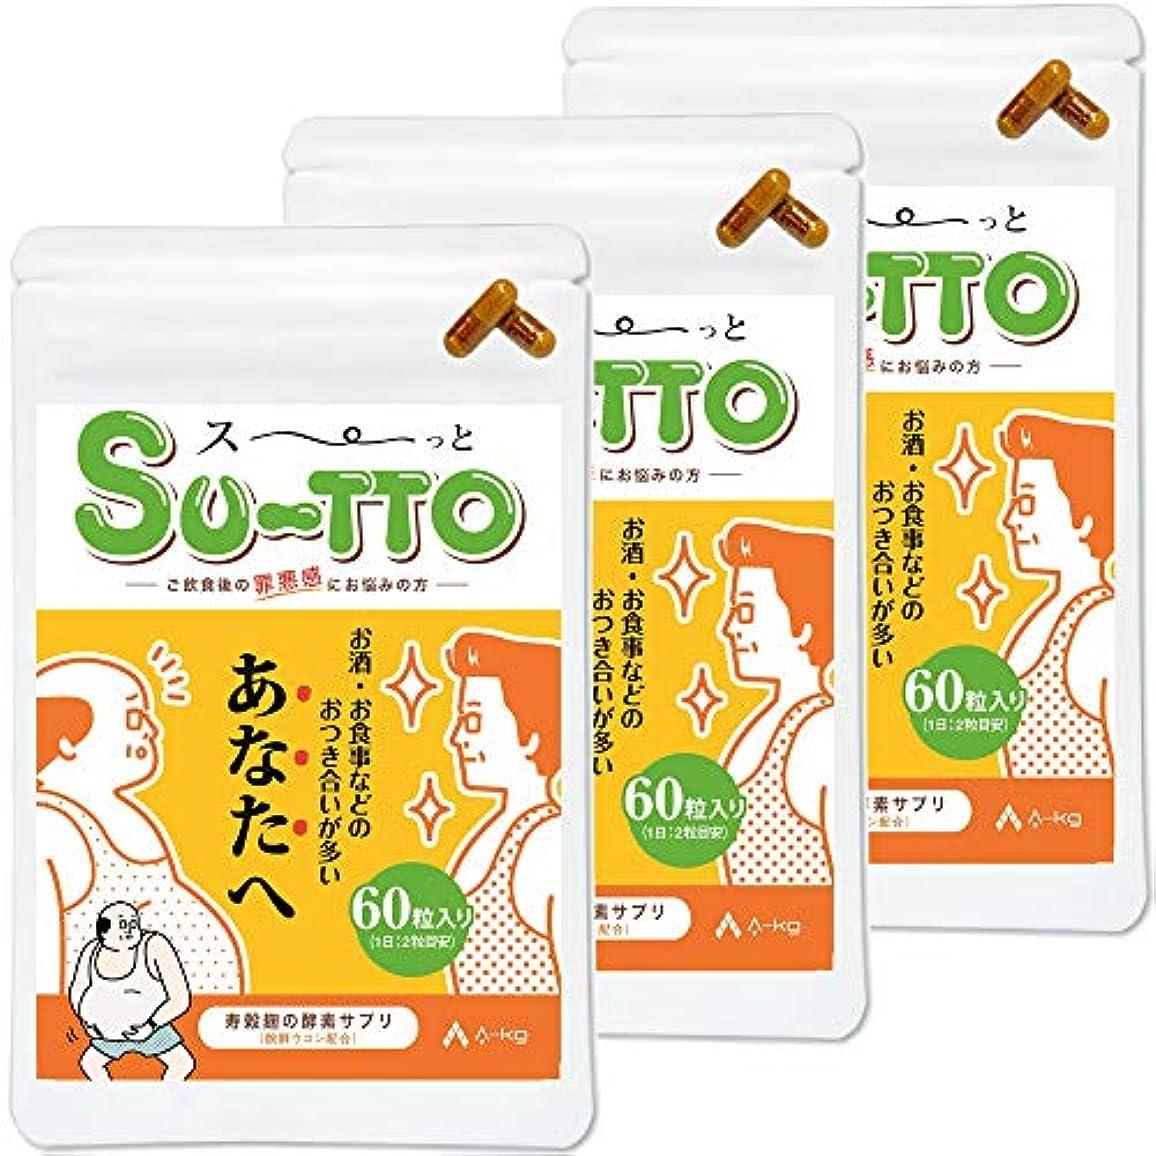 余分な半径スツールA-KG SU-TTO 寿穀麹 酵素サプリ 酵素 サプリ 麹 こうじ ダイエット サプリメント こうじ酵素 3個セット(180粒:約3ヶ月分)